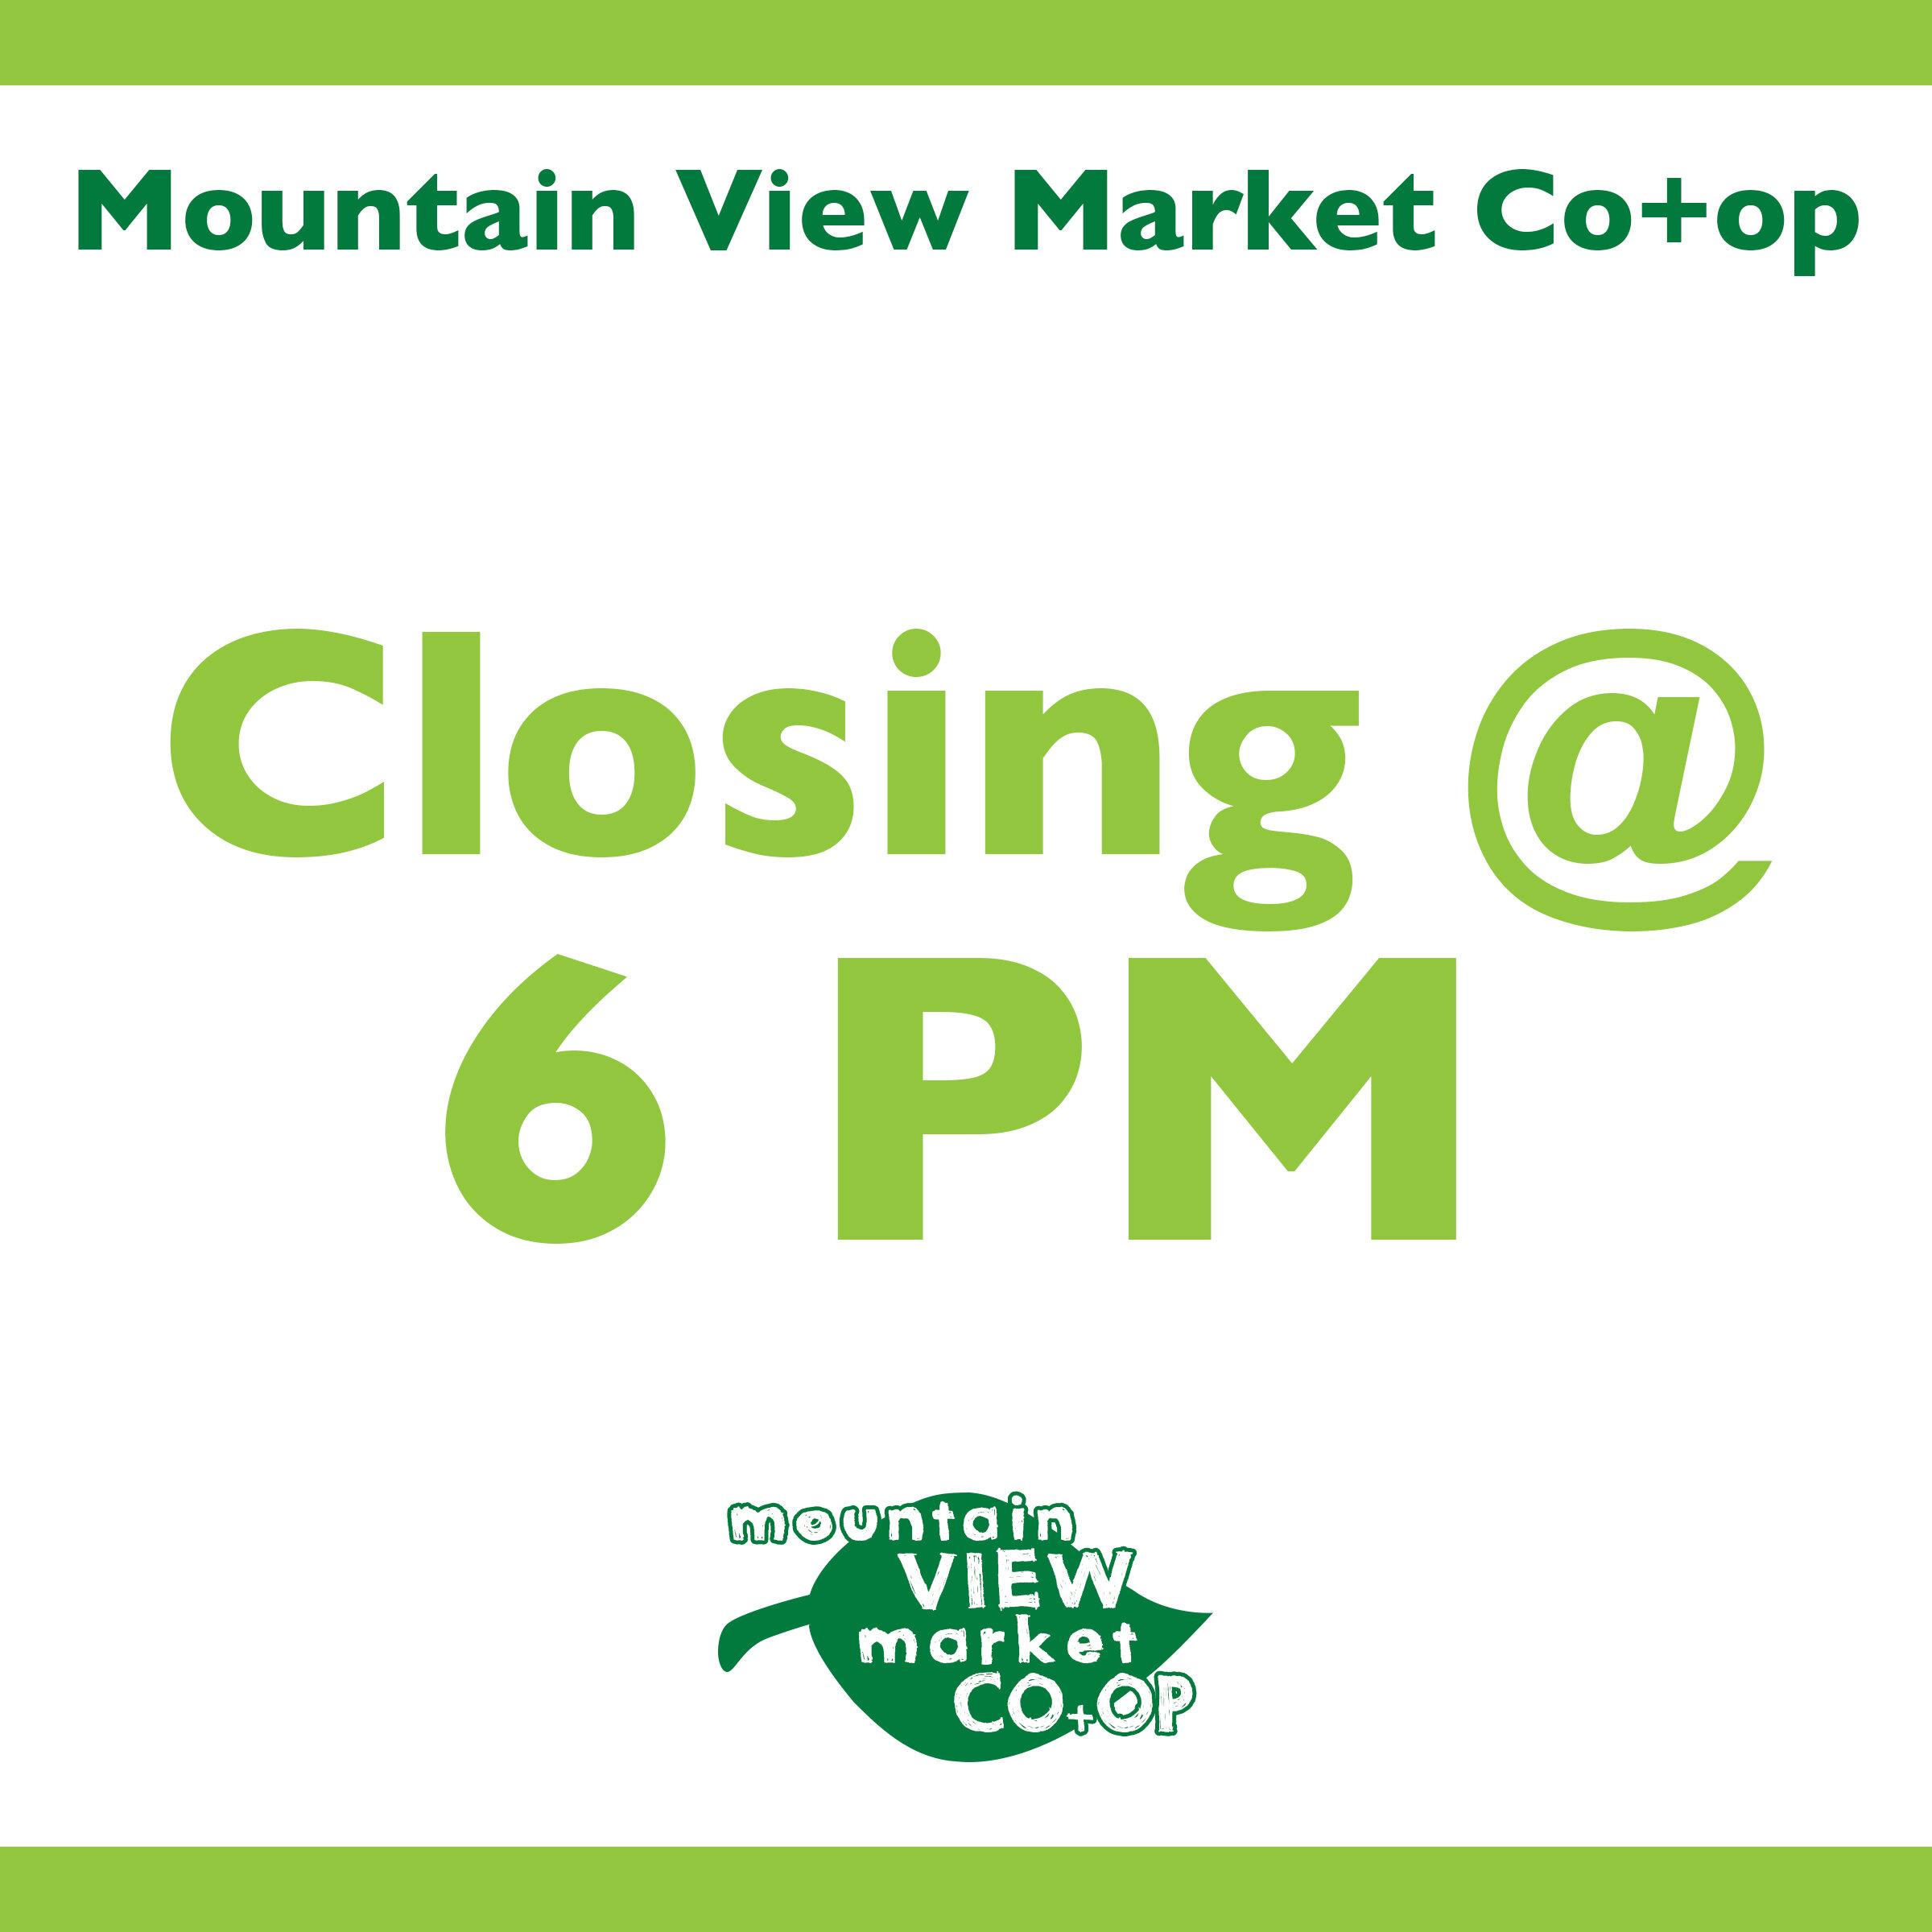 closing at 6 pm.jpg